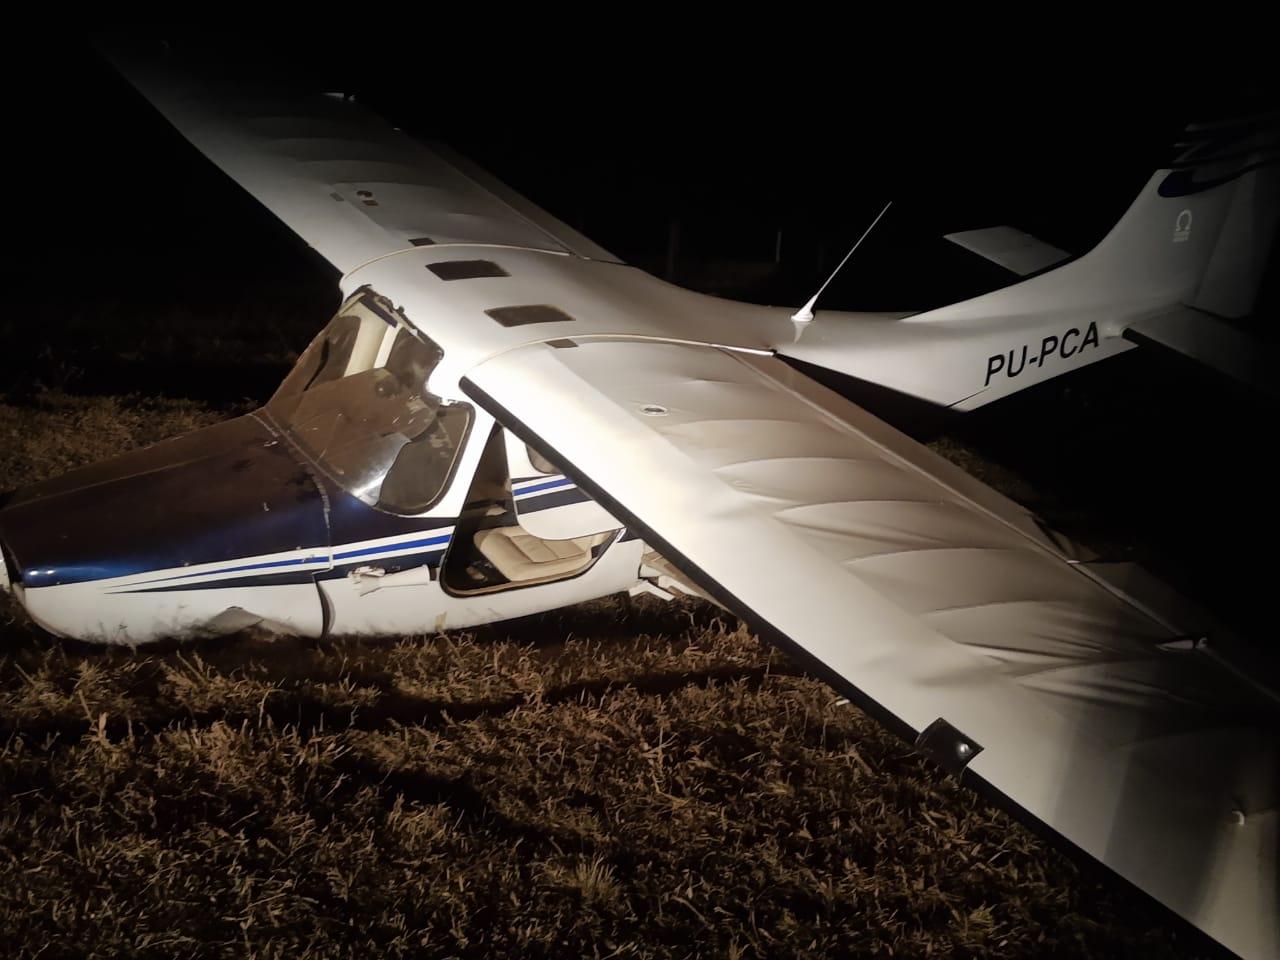 Chegam as primeiras fotos do avião que fez pouso forçado em Cassilândia